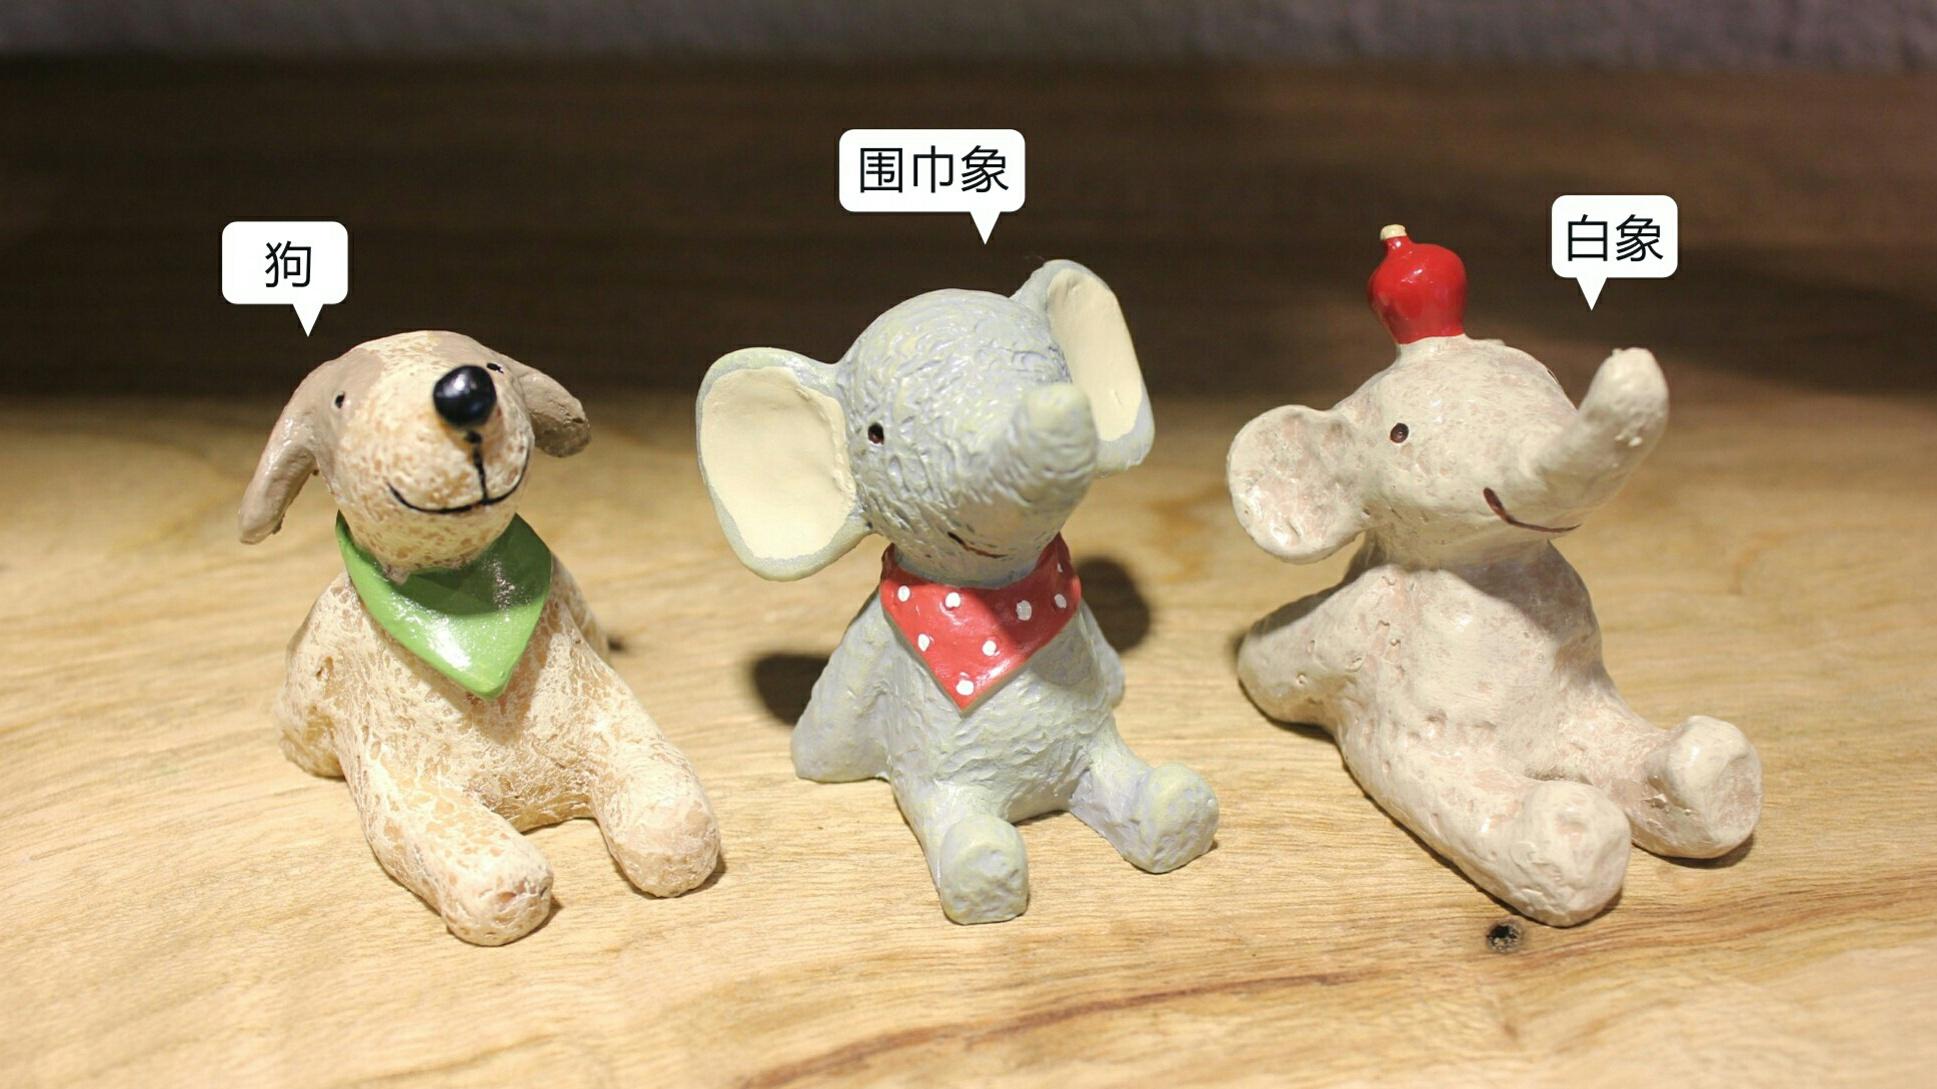 材质:树脂 尺寸:5~6cm高 (每个动物形态不一,手工上色,略有差别)